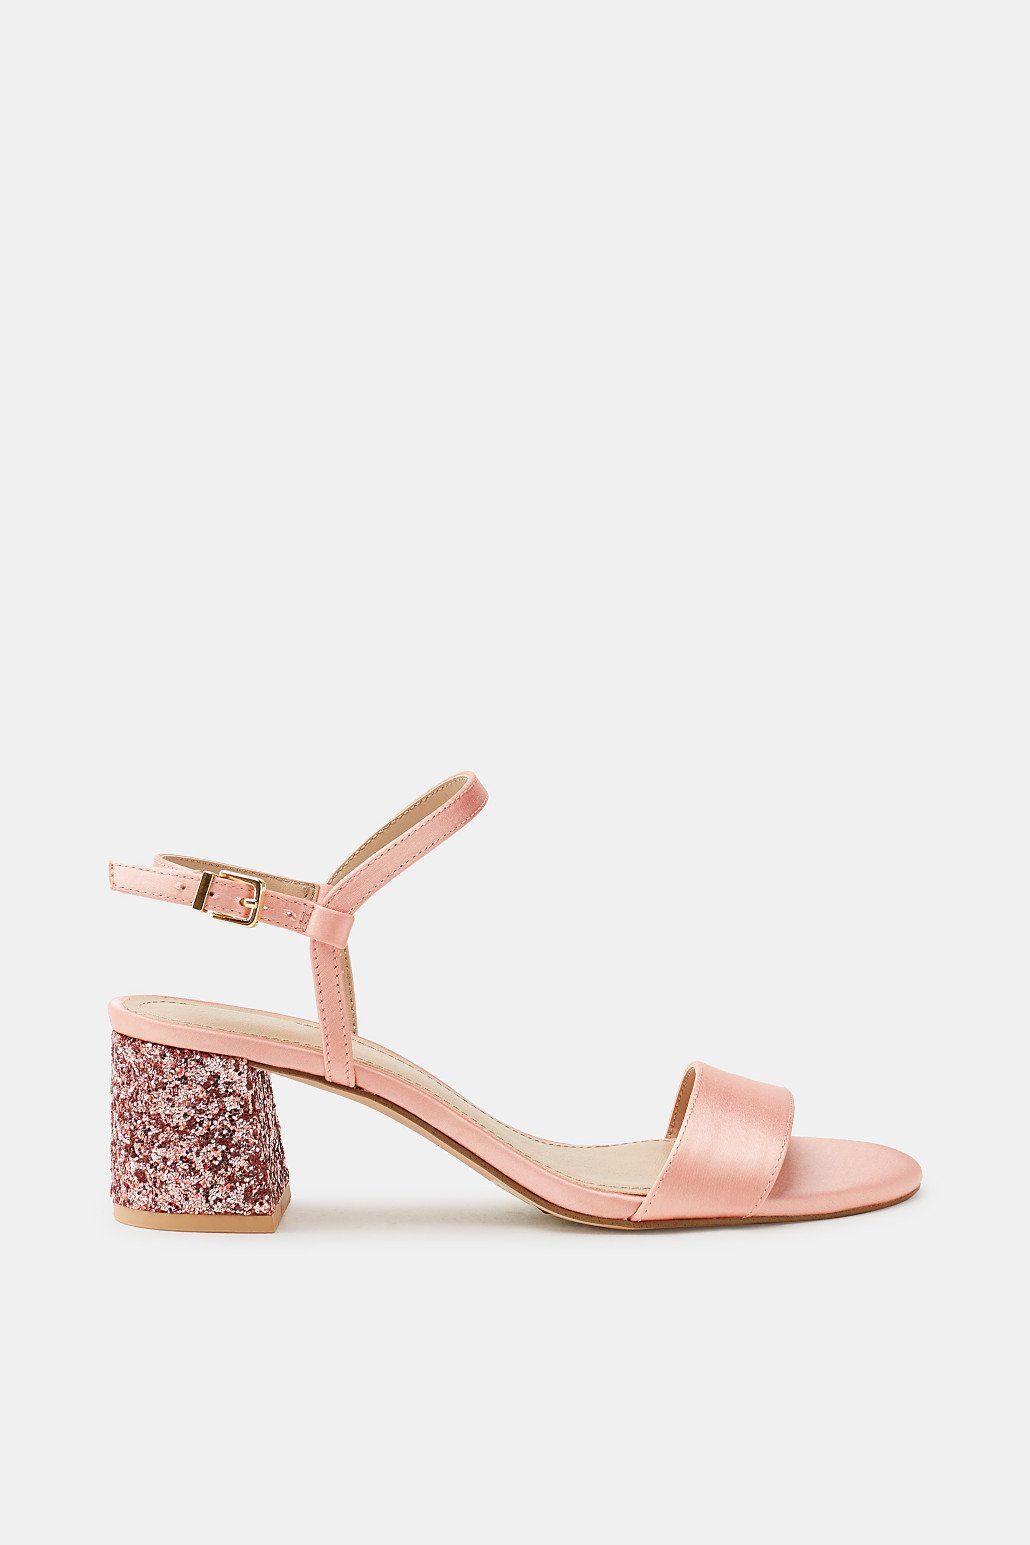 ESPRIT Satin-Sandalette mit Glitter-Absatz kaufen  LIGHT PINK